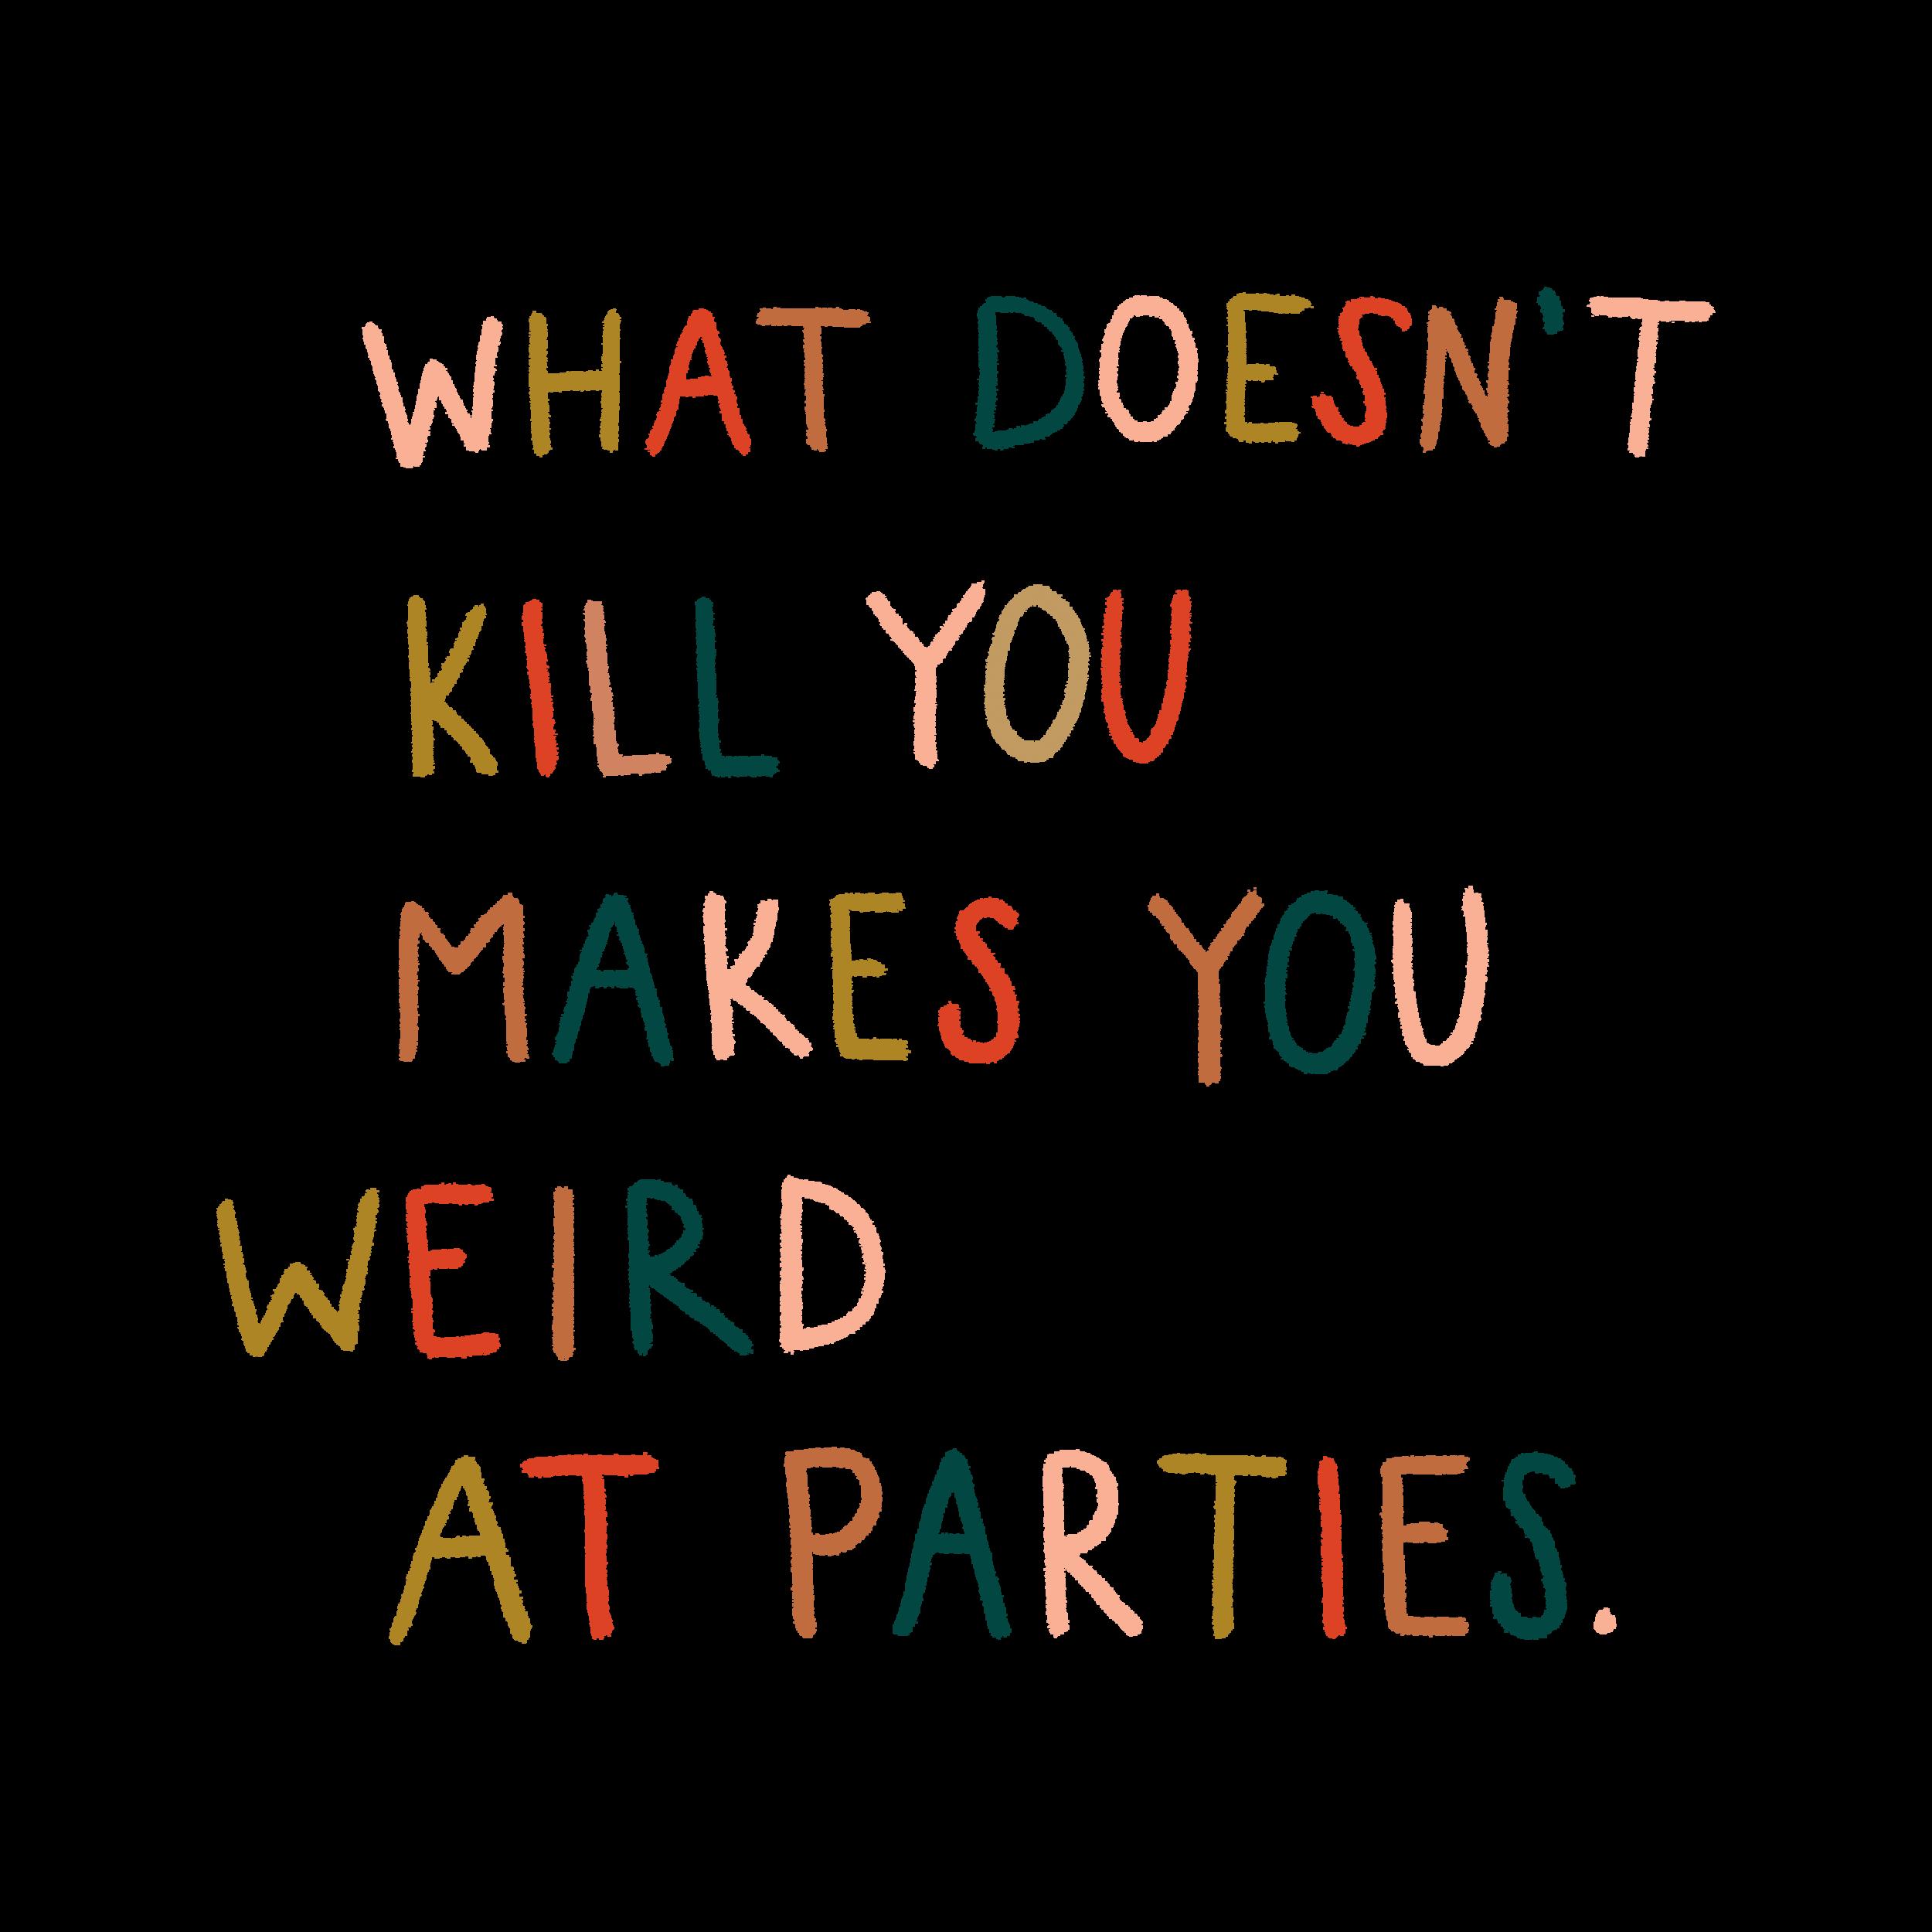 weirdatparties-printtest.png